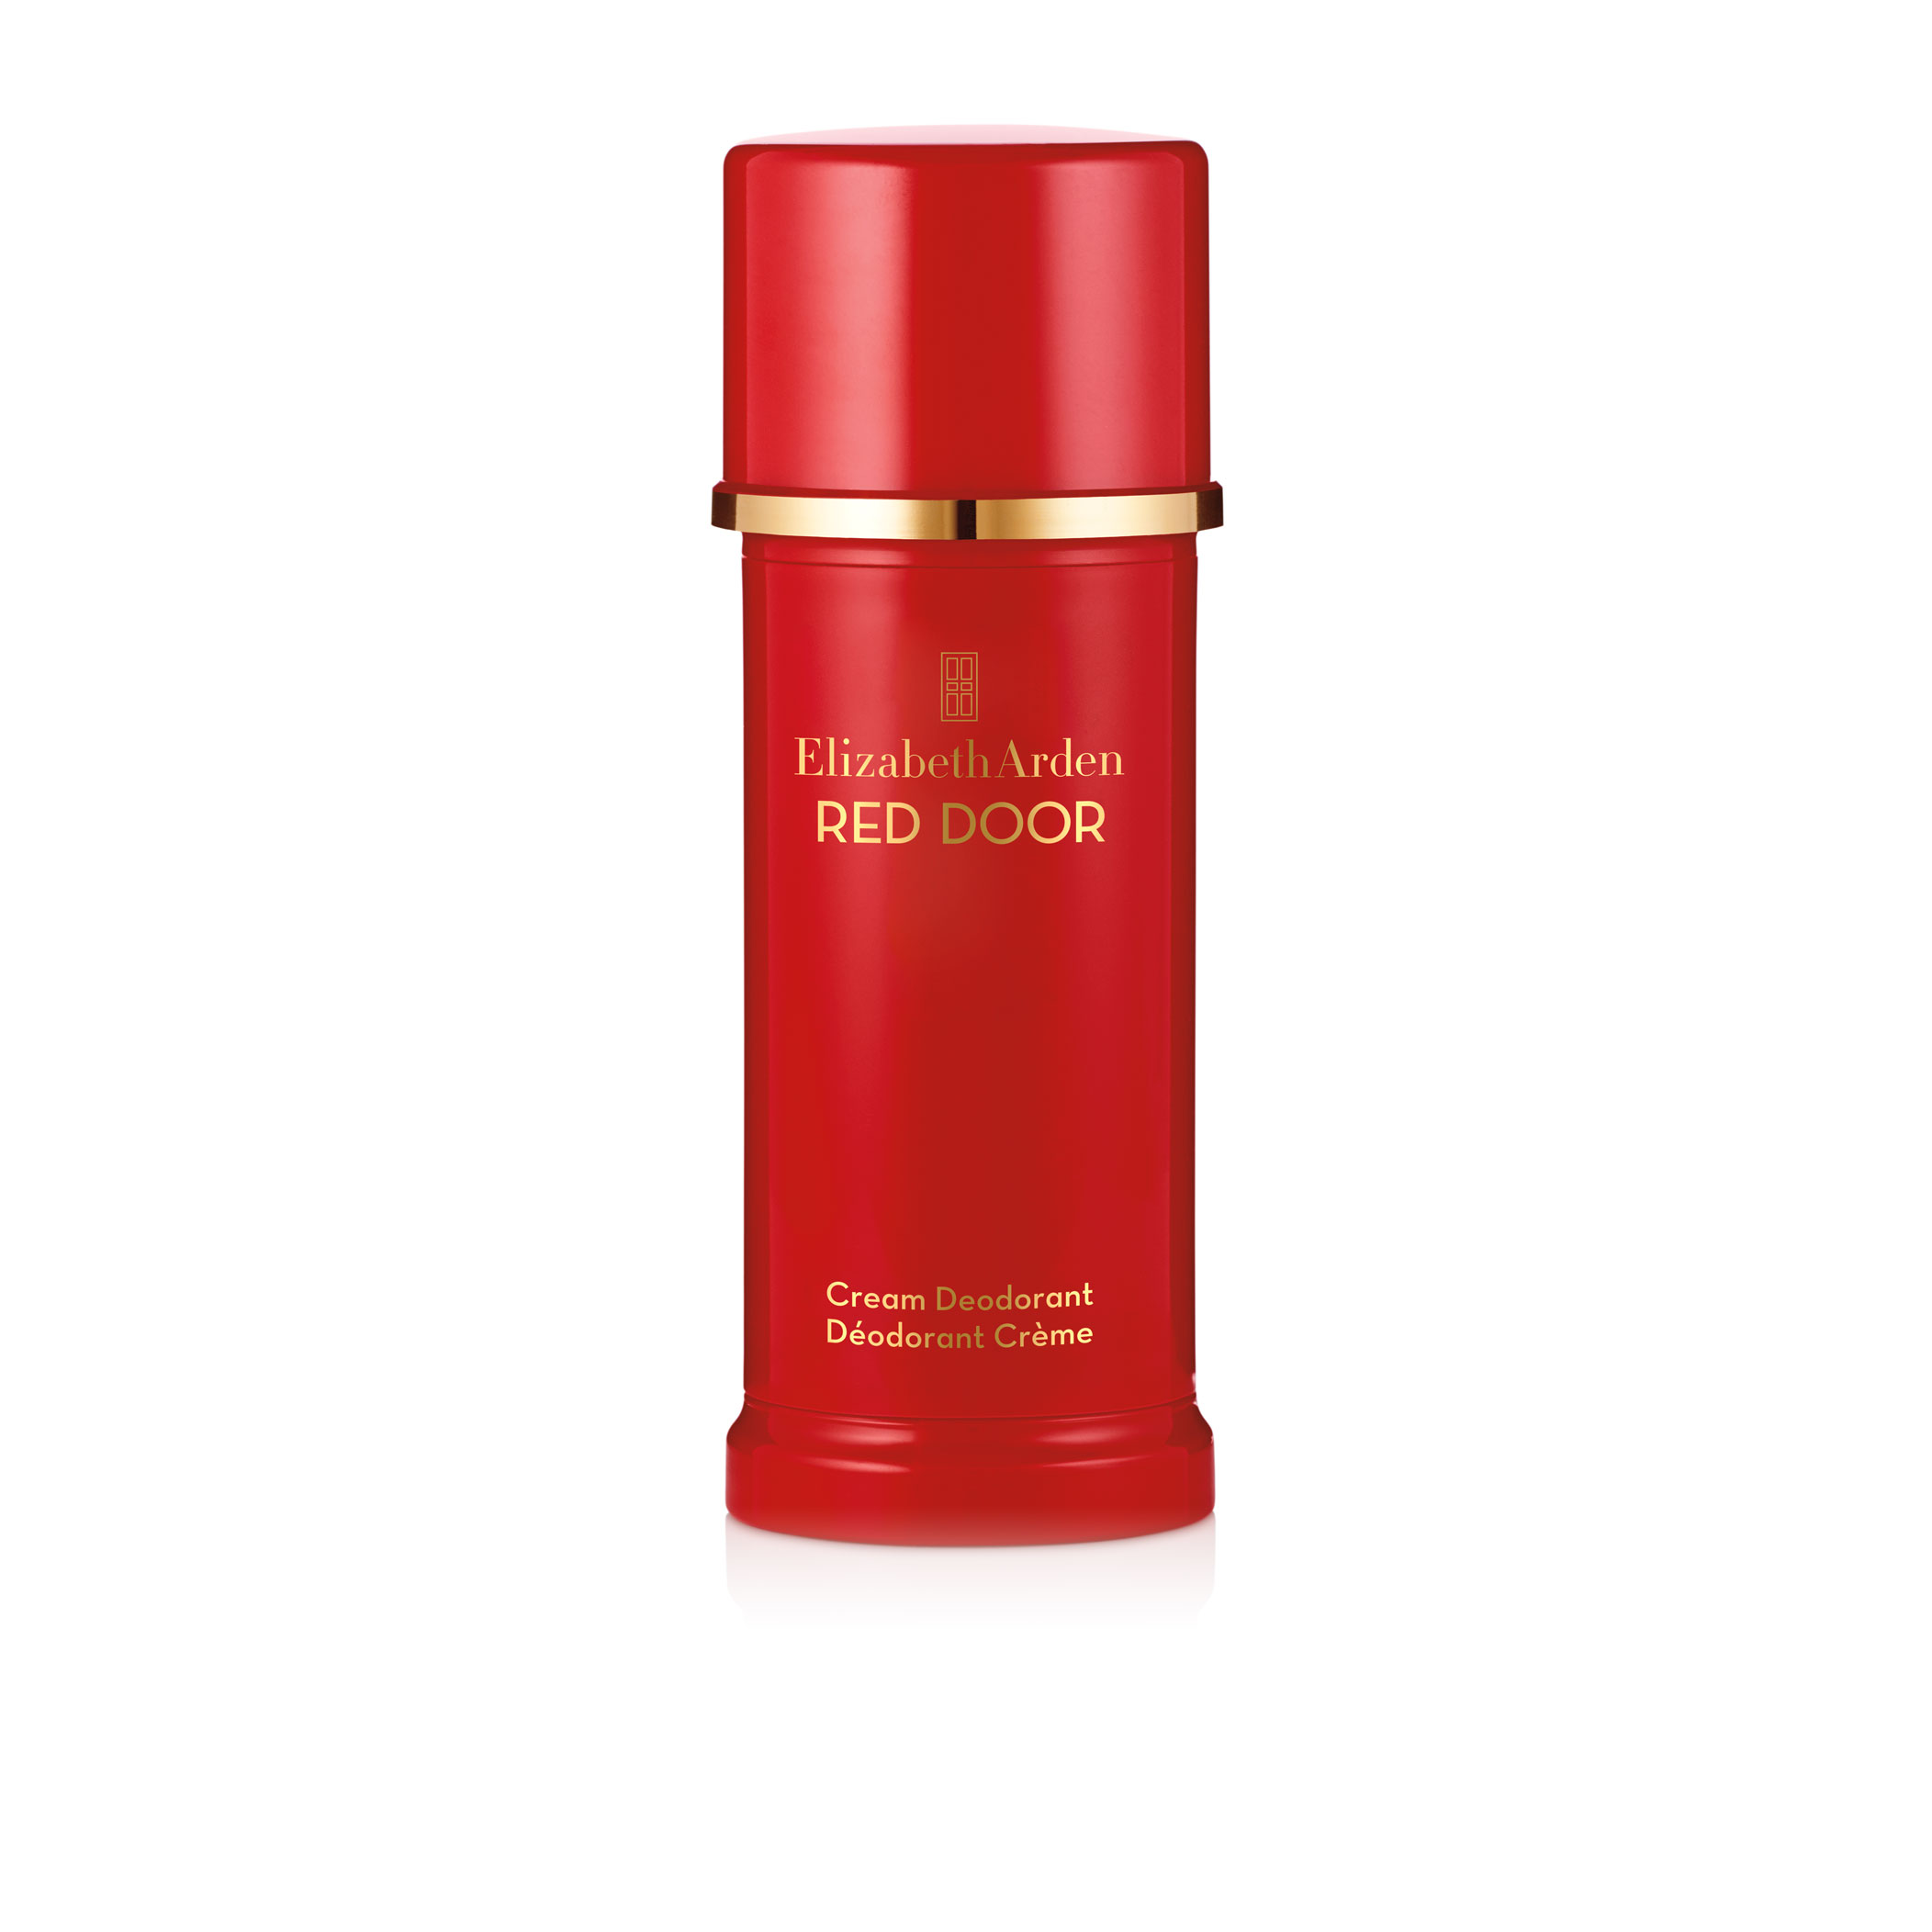 Red Door Cream Deodorant 15 Oz Elizabeth Arden